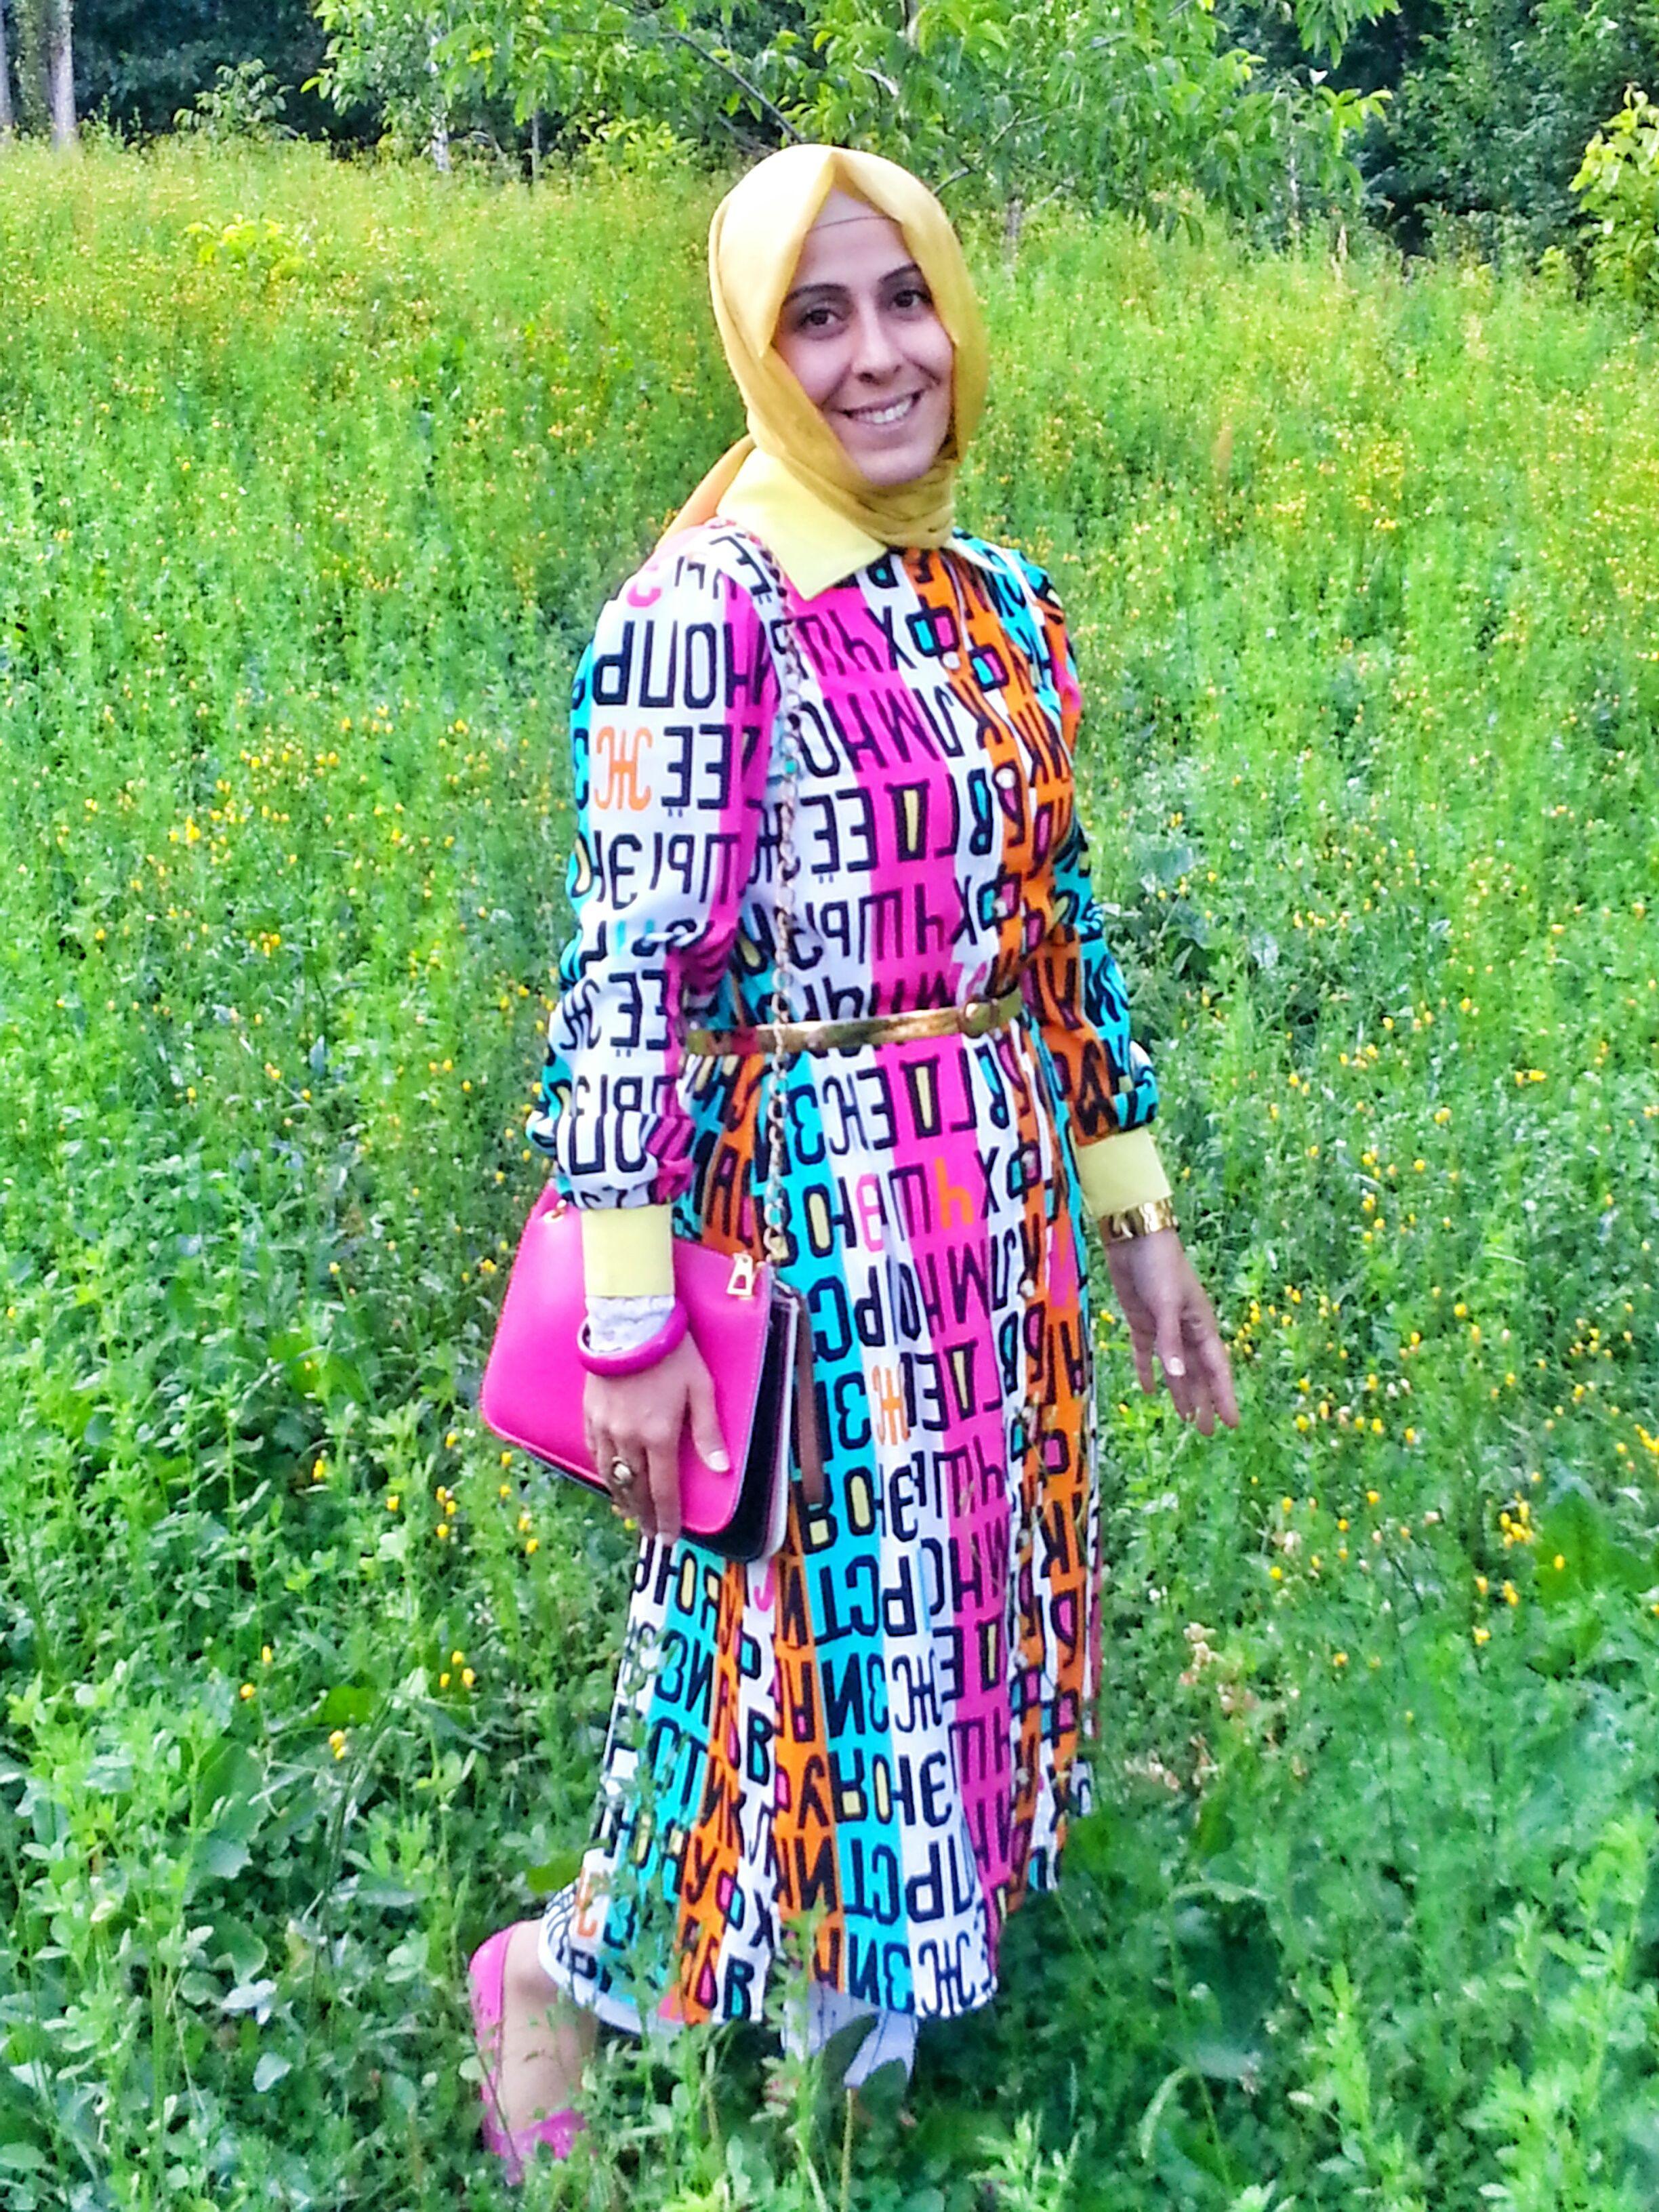 TASARIM TESETTüR GÄ°YÄ°M TUNÄ°K EŞARP AKER KAYRA tunic modası